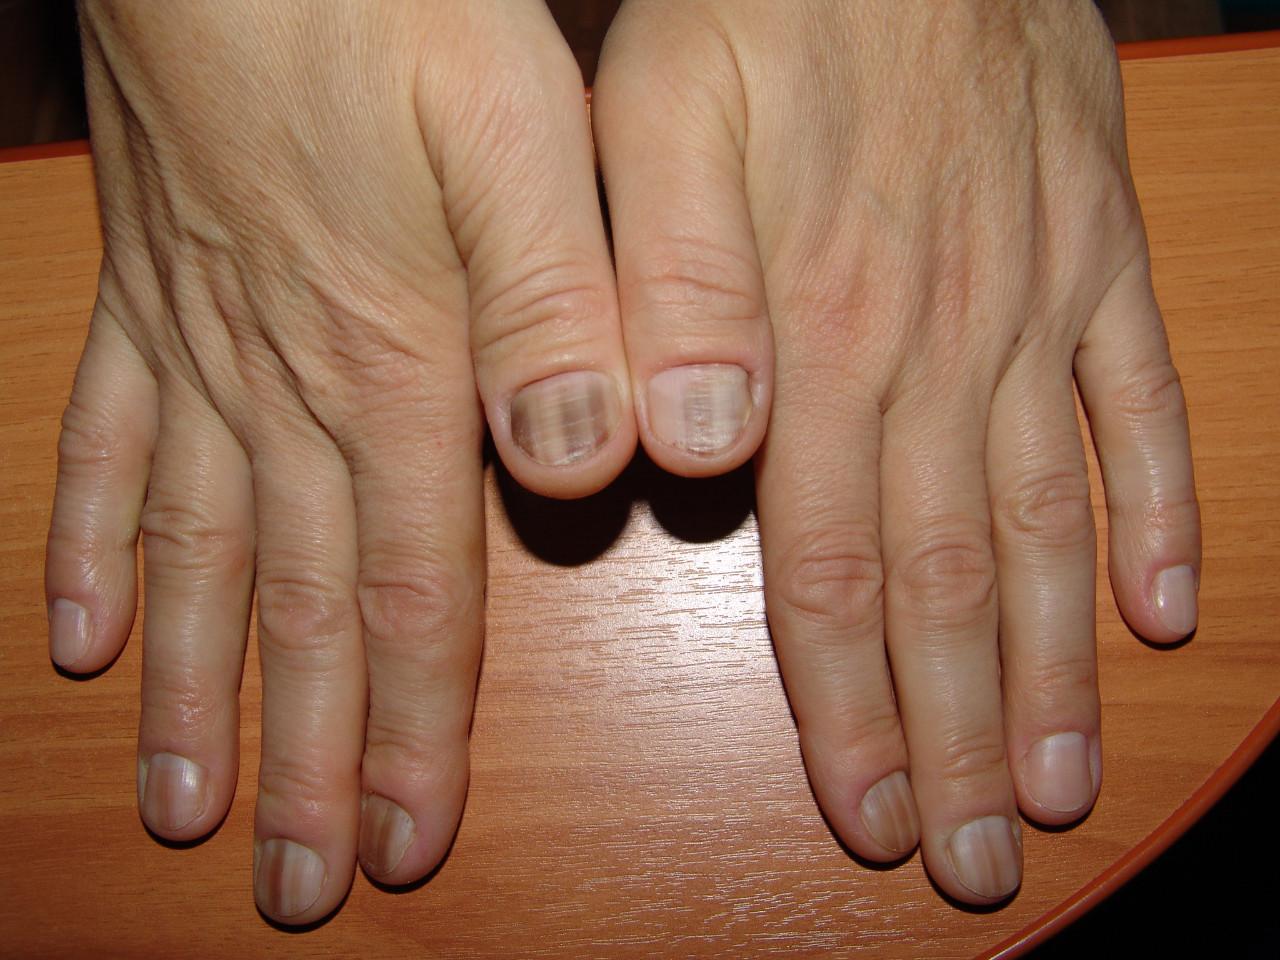 Формы ногтей при различных заболеваниях. Изменения размера и внешнего 5